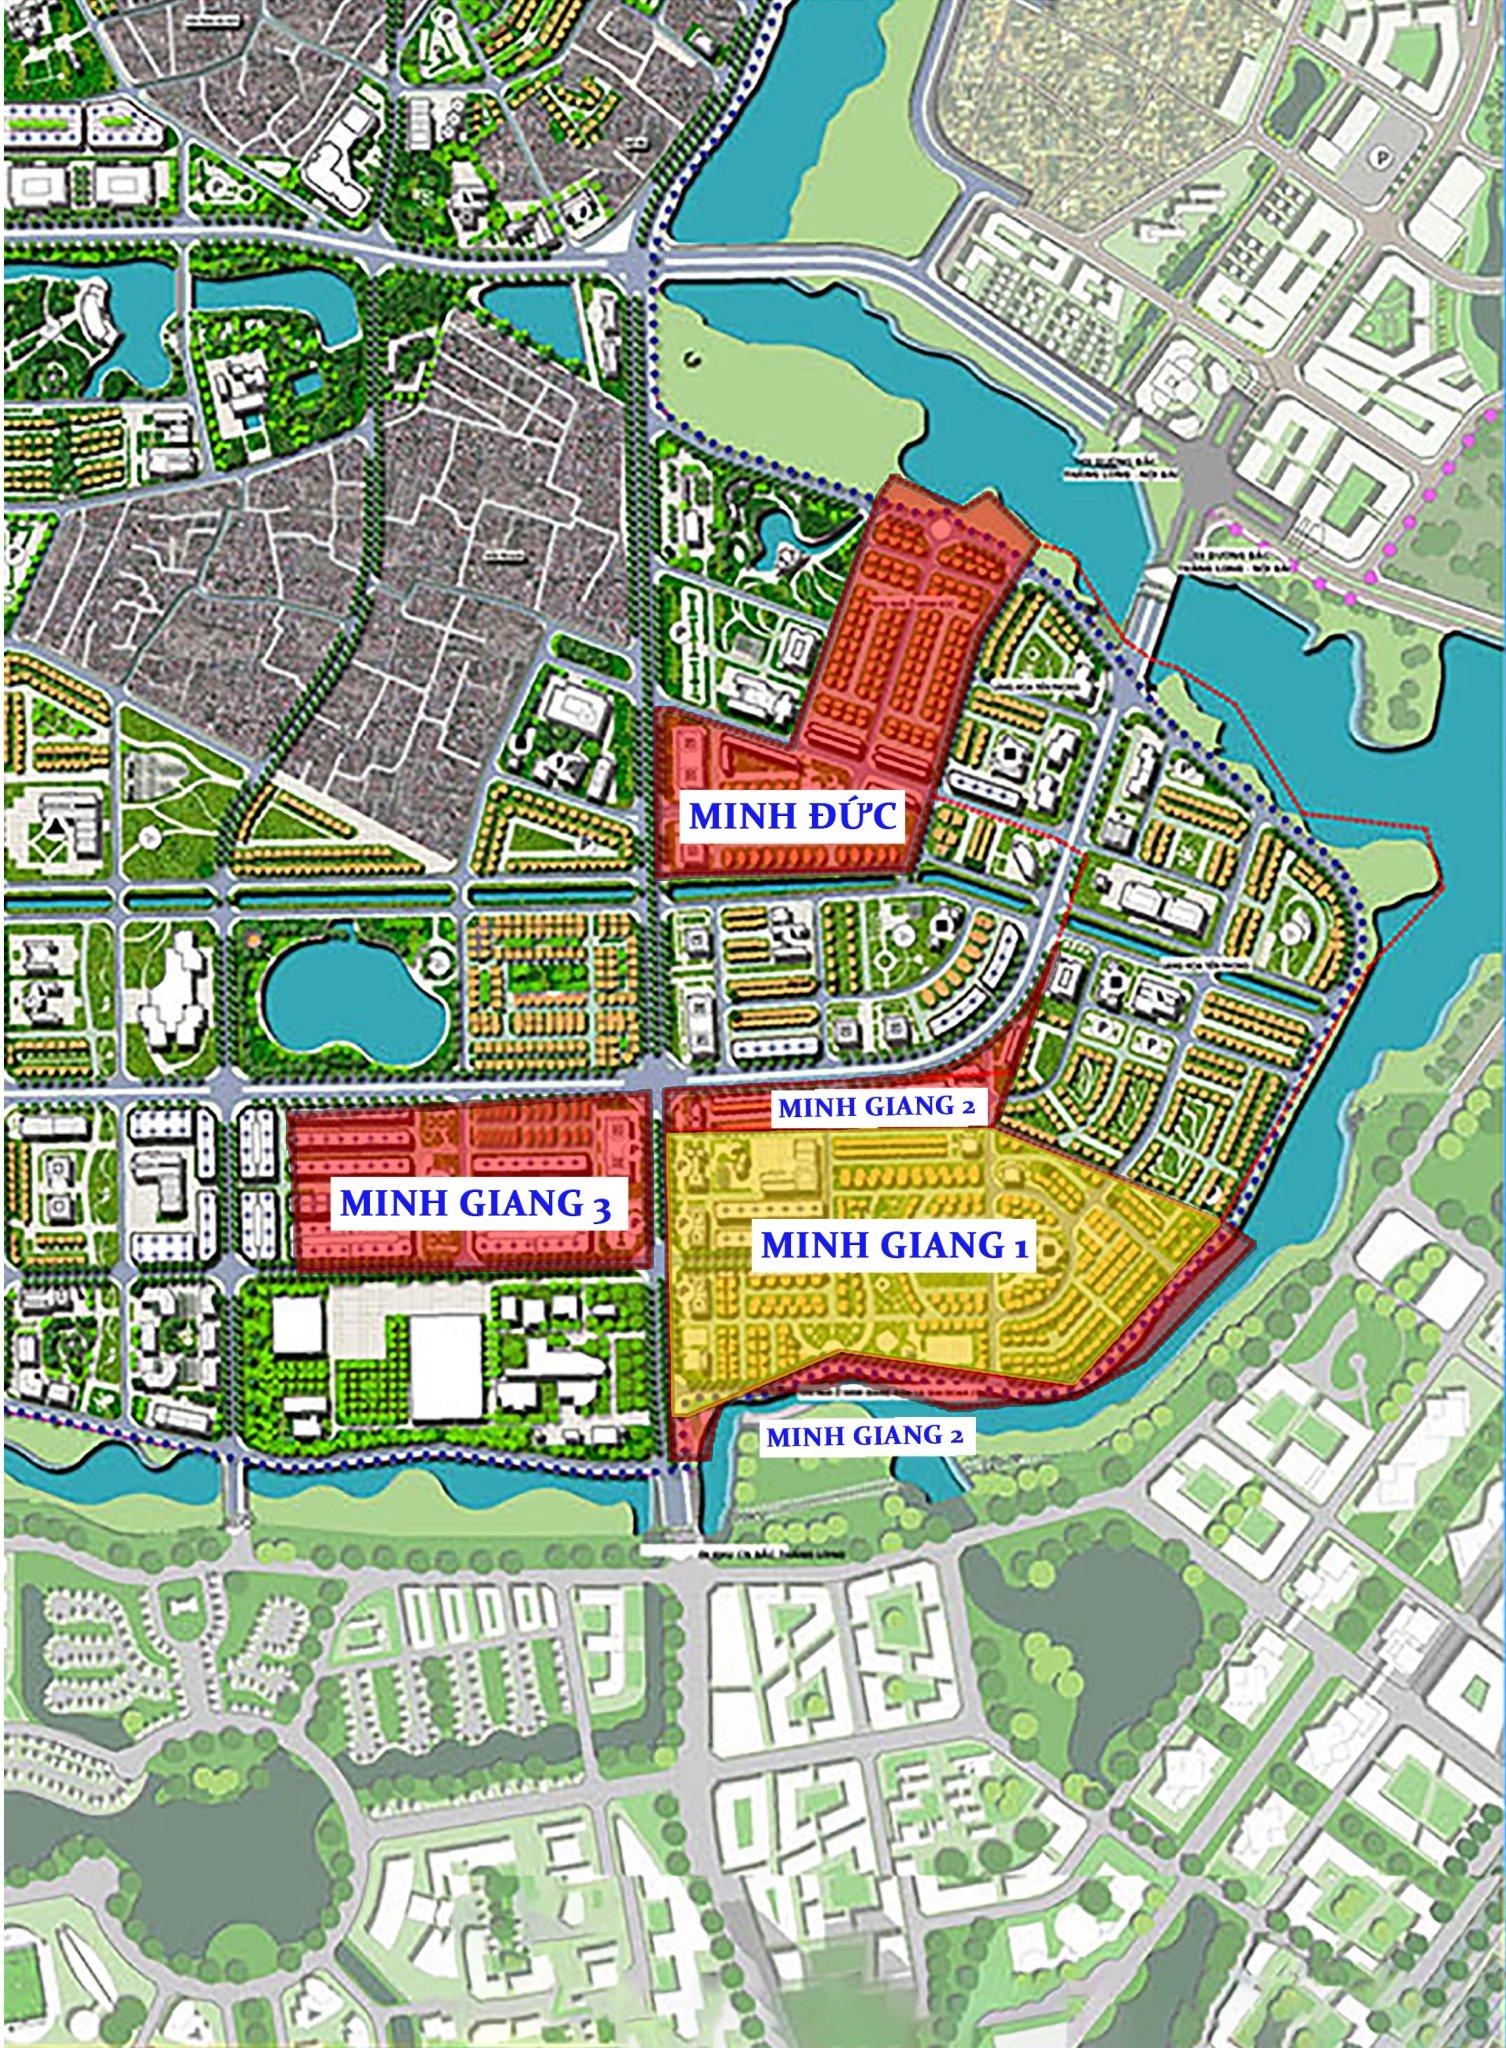 quy hoạch khu vực dự án khu đô thị Minh Đức